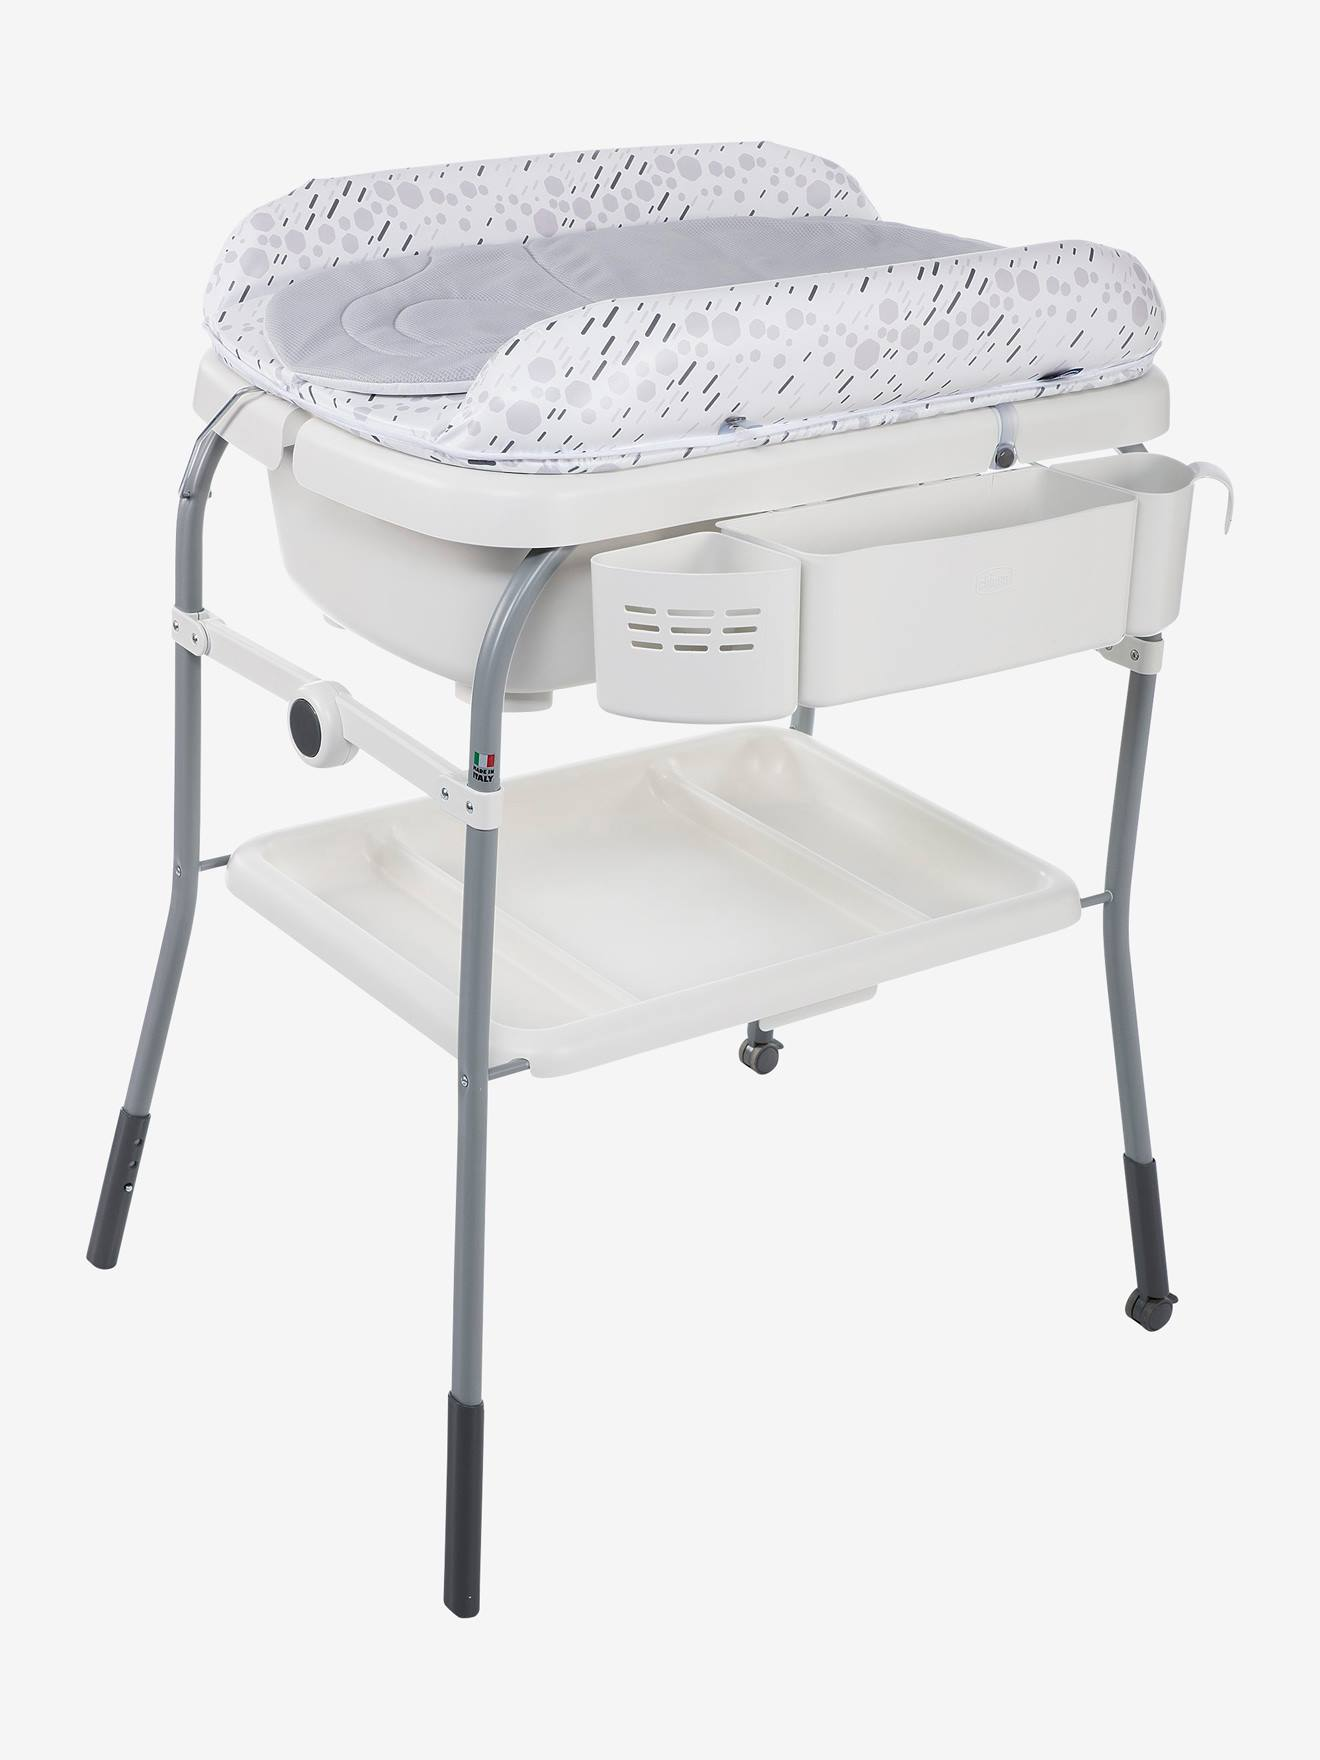 Plan Bébés Table Bébé Chicco Pliableamp; À Langer A srhxCQdt